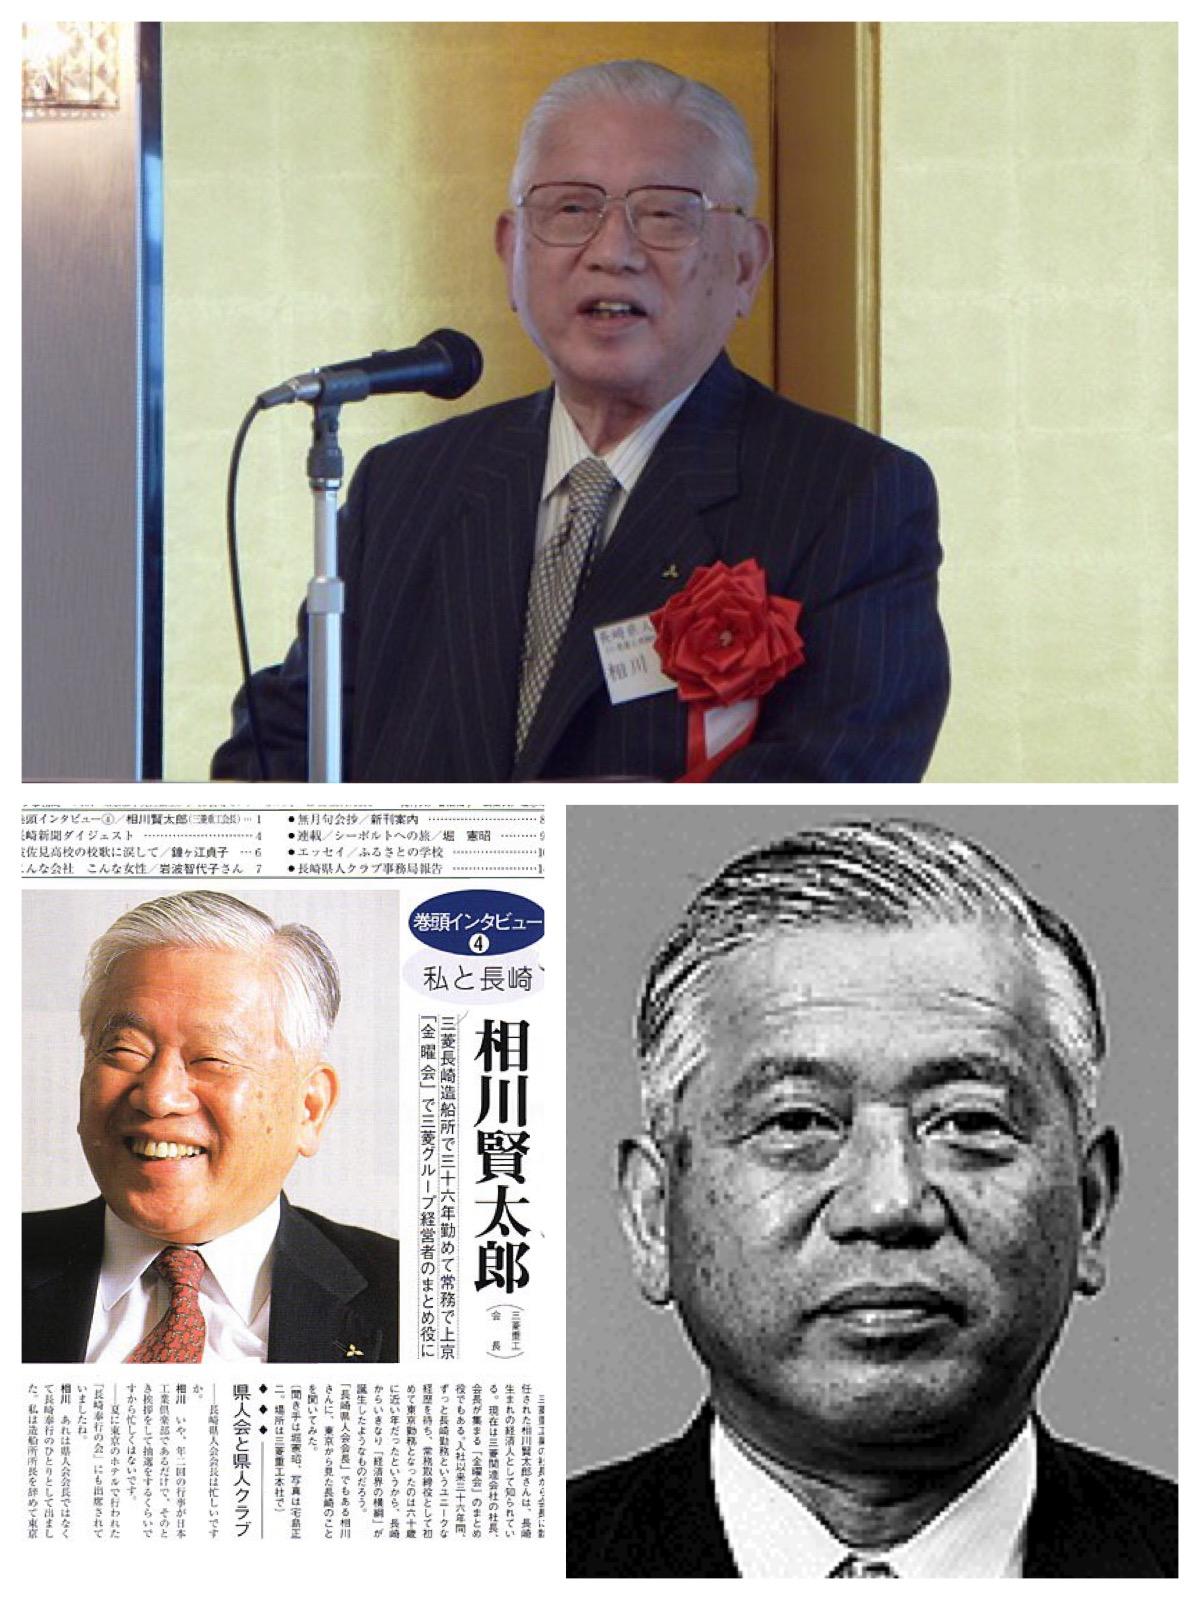 相川賢太郎氏